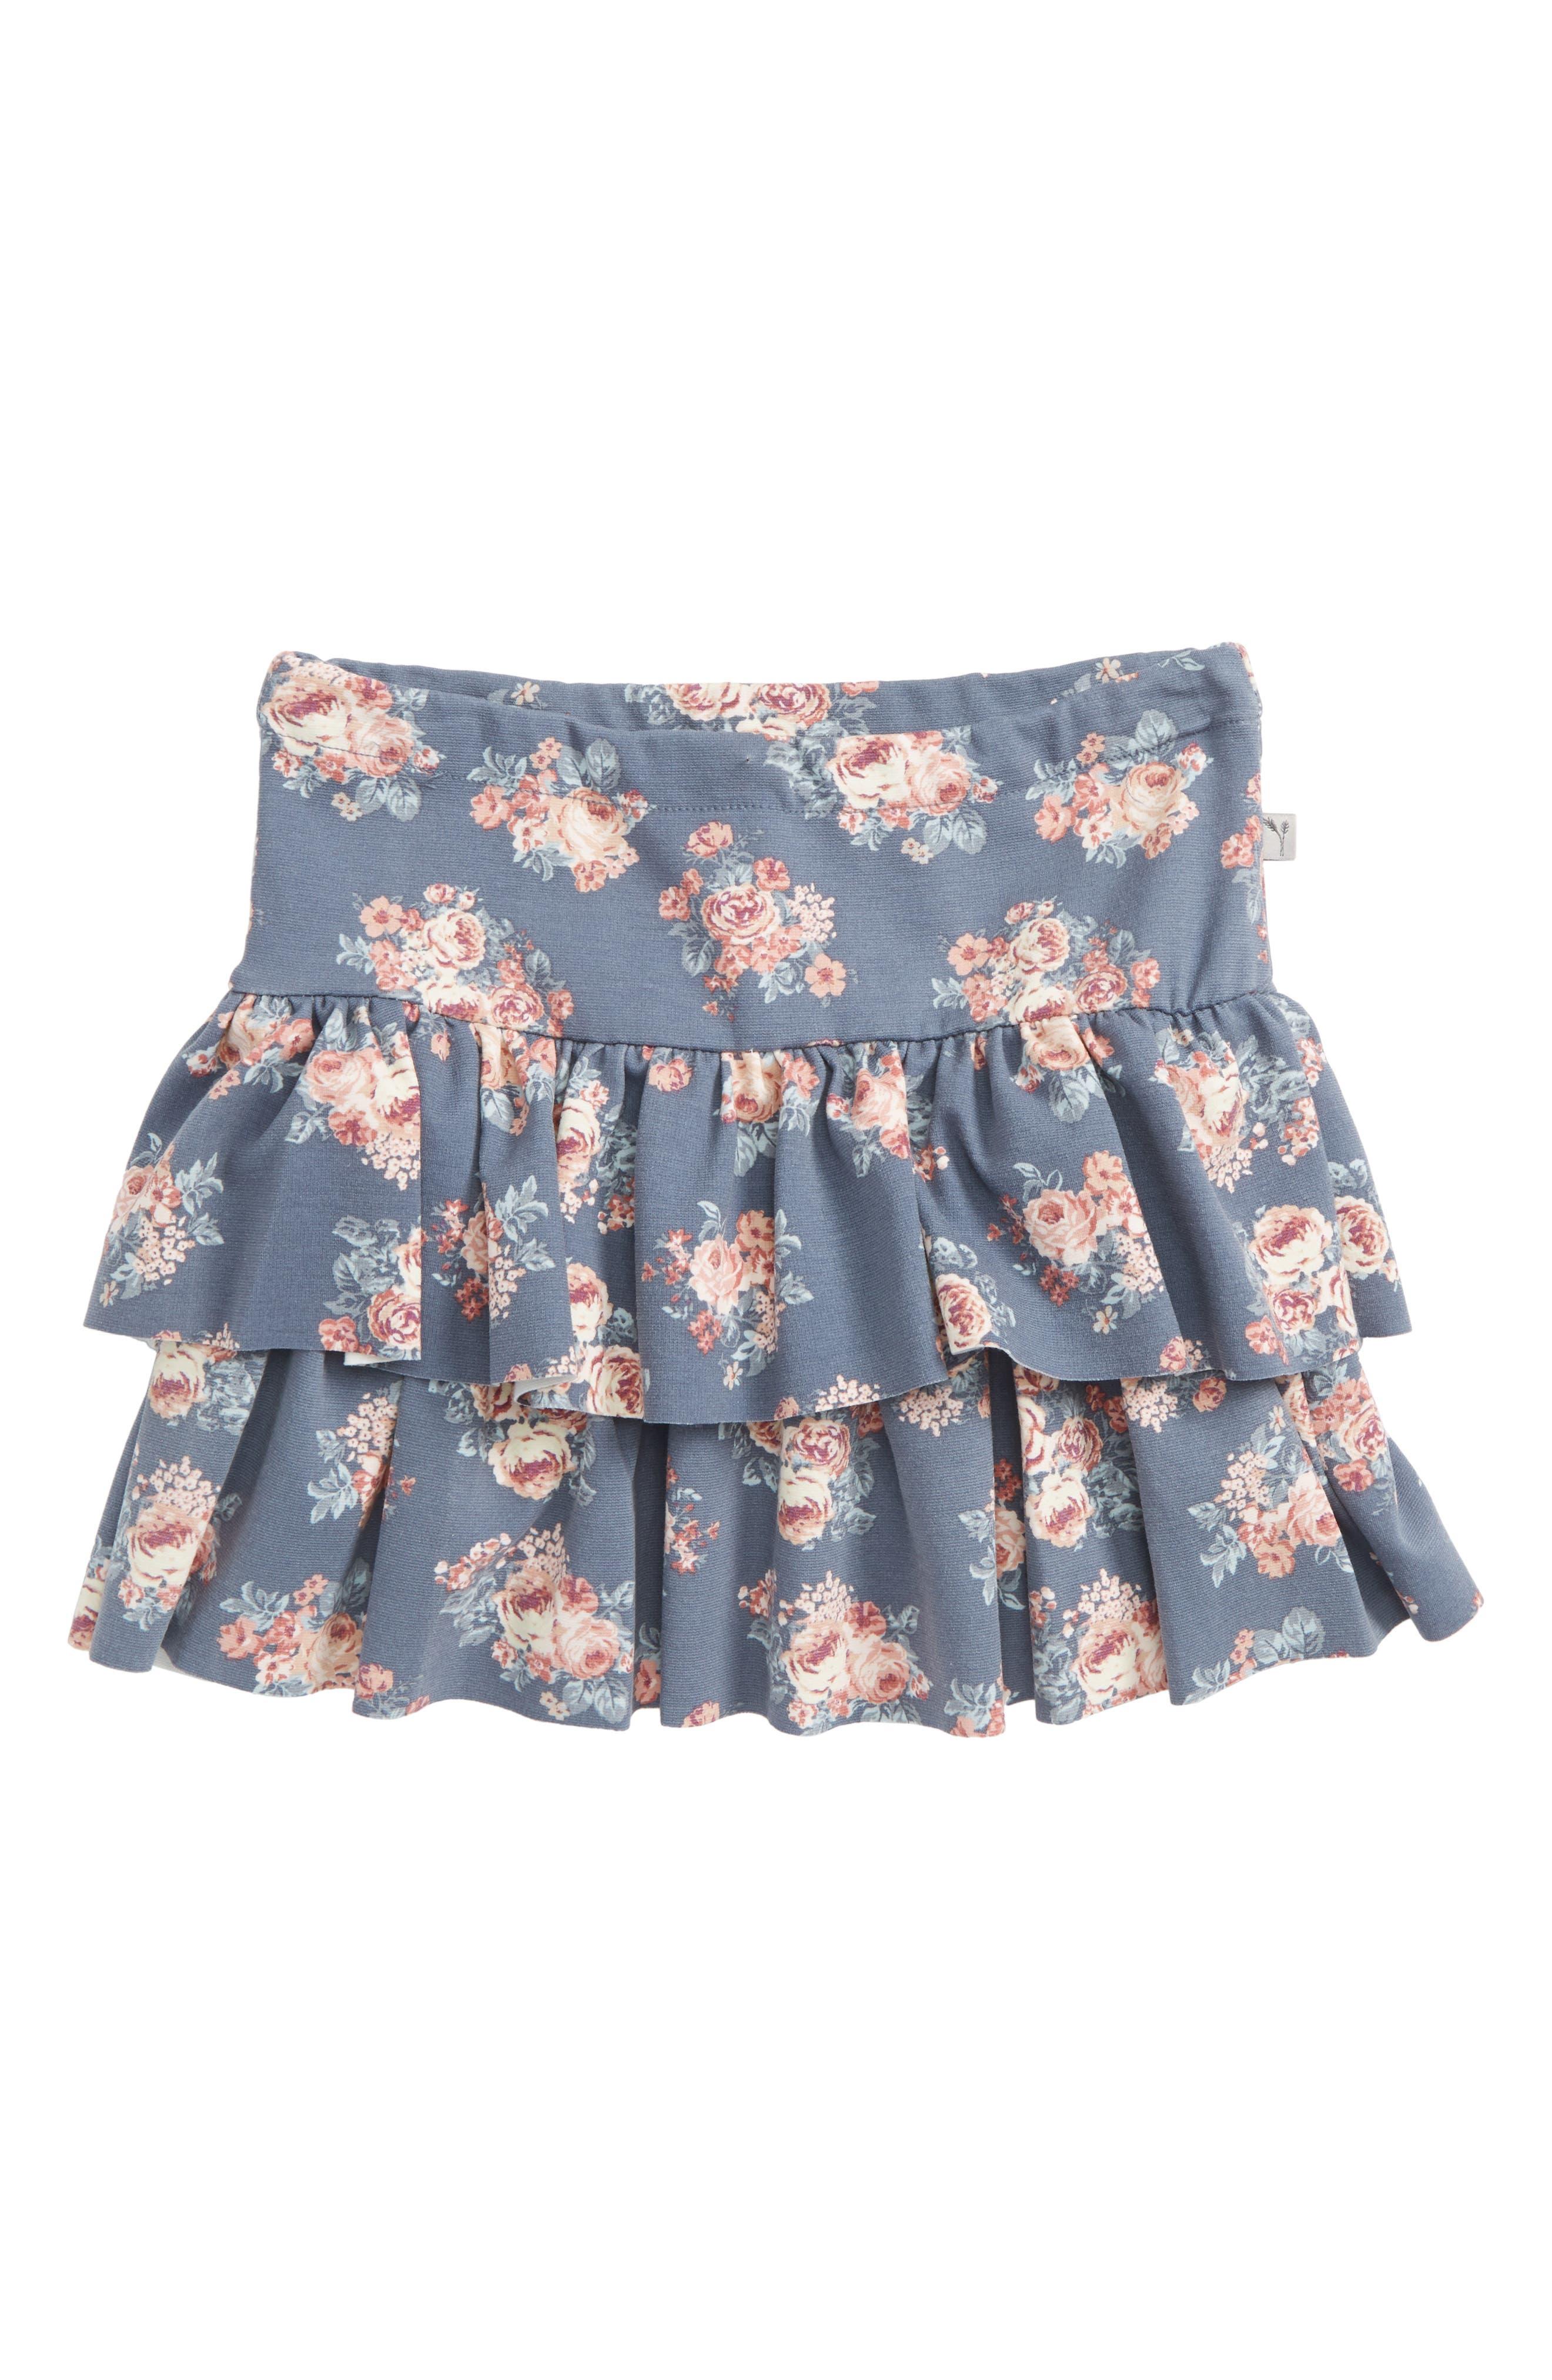 Wheat Jersey Ruffle Skirt (Toddler Girls, Little Girls & Big Girls)